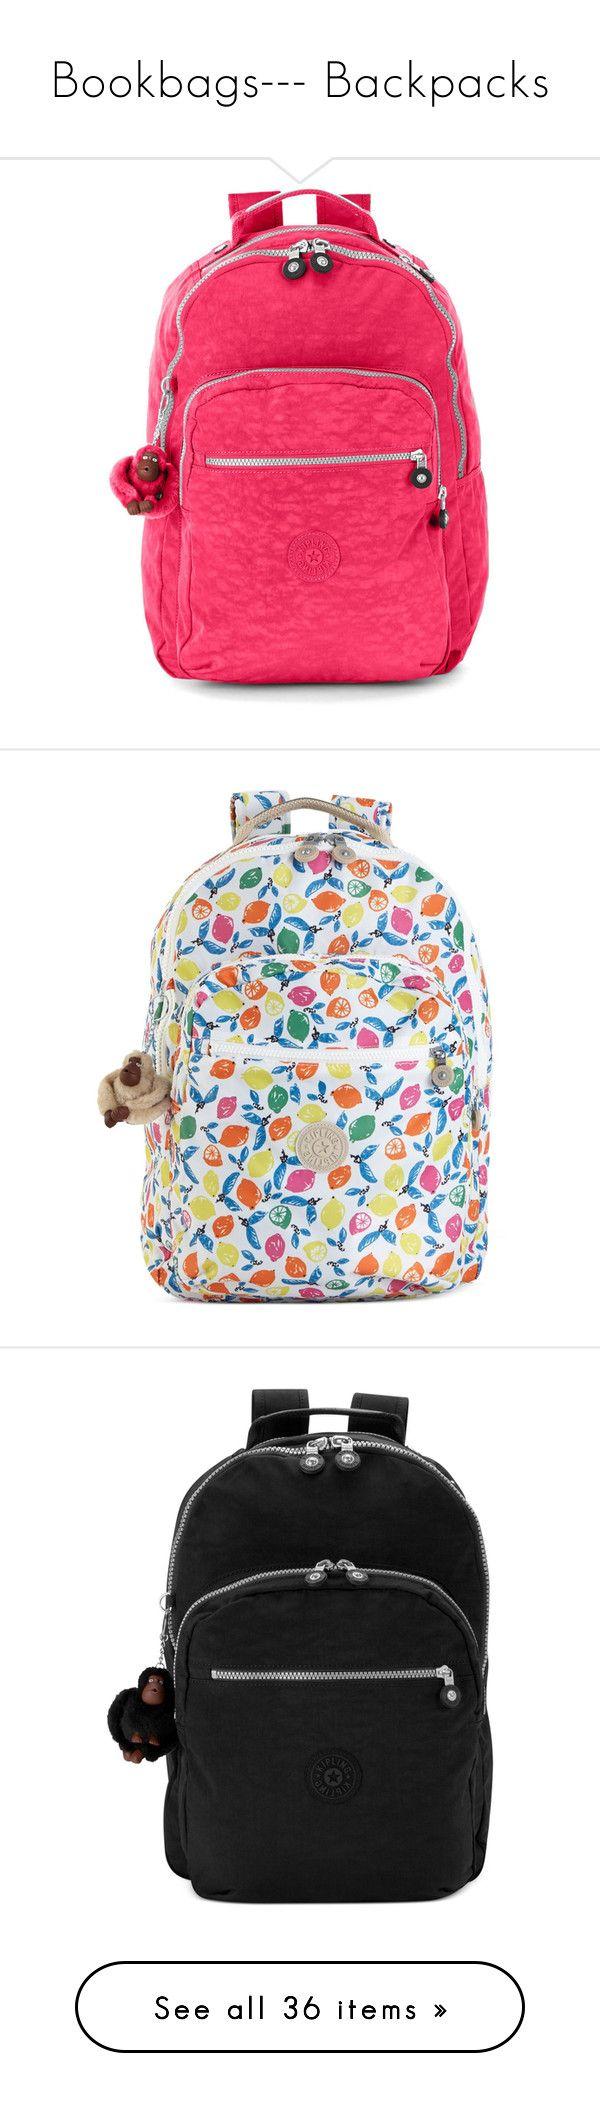 """""""Bookbags--- Backpacks"""" by alicejean123 ❤ liked on Polyvore featuring bags, backpacks, water resistant bag, padded bag, backpack bags, pink backpack, kipling bags, pocket bag, nylon bag and print backpacks"""